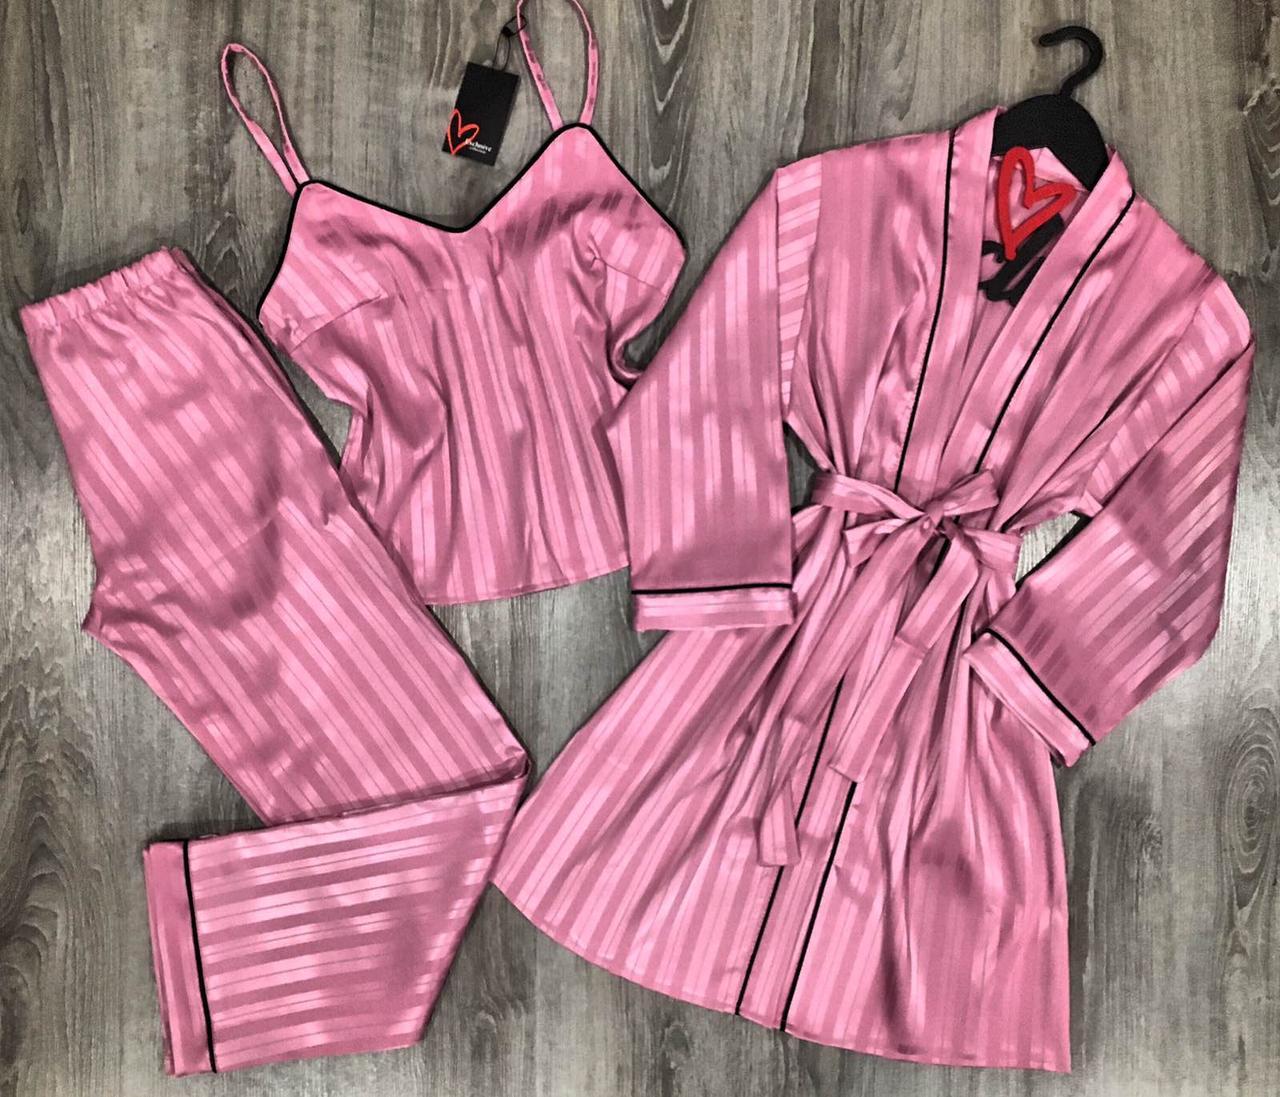 Молодежный комплект тройка халат и пижама( майка+штаны) в полоску.